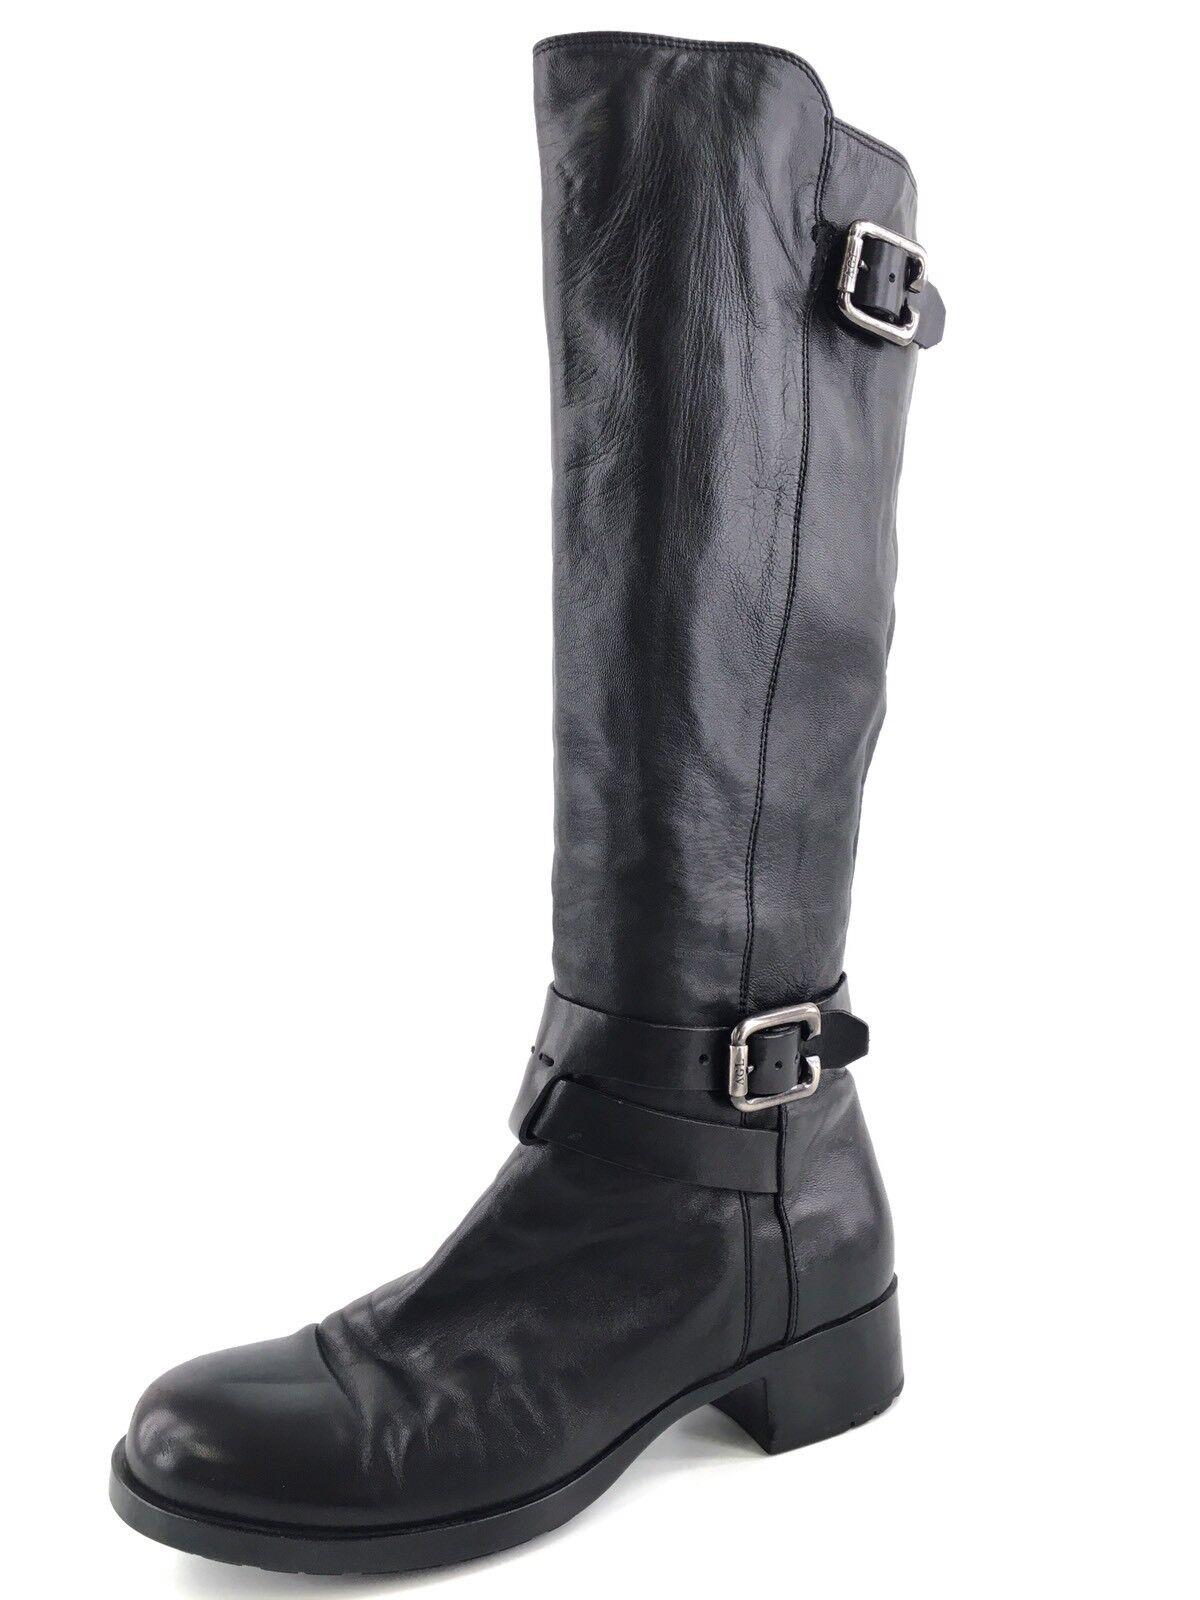 AGL ITALIA en cuir Noir Double Boucle Bottes Hautes Femme Taille 37 M